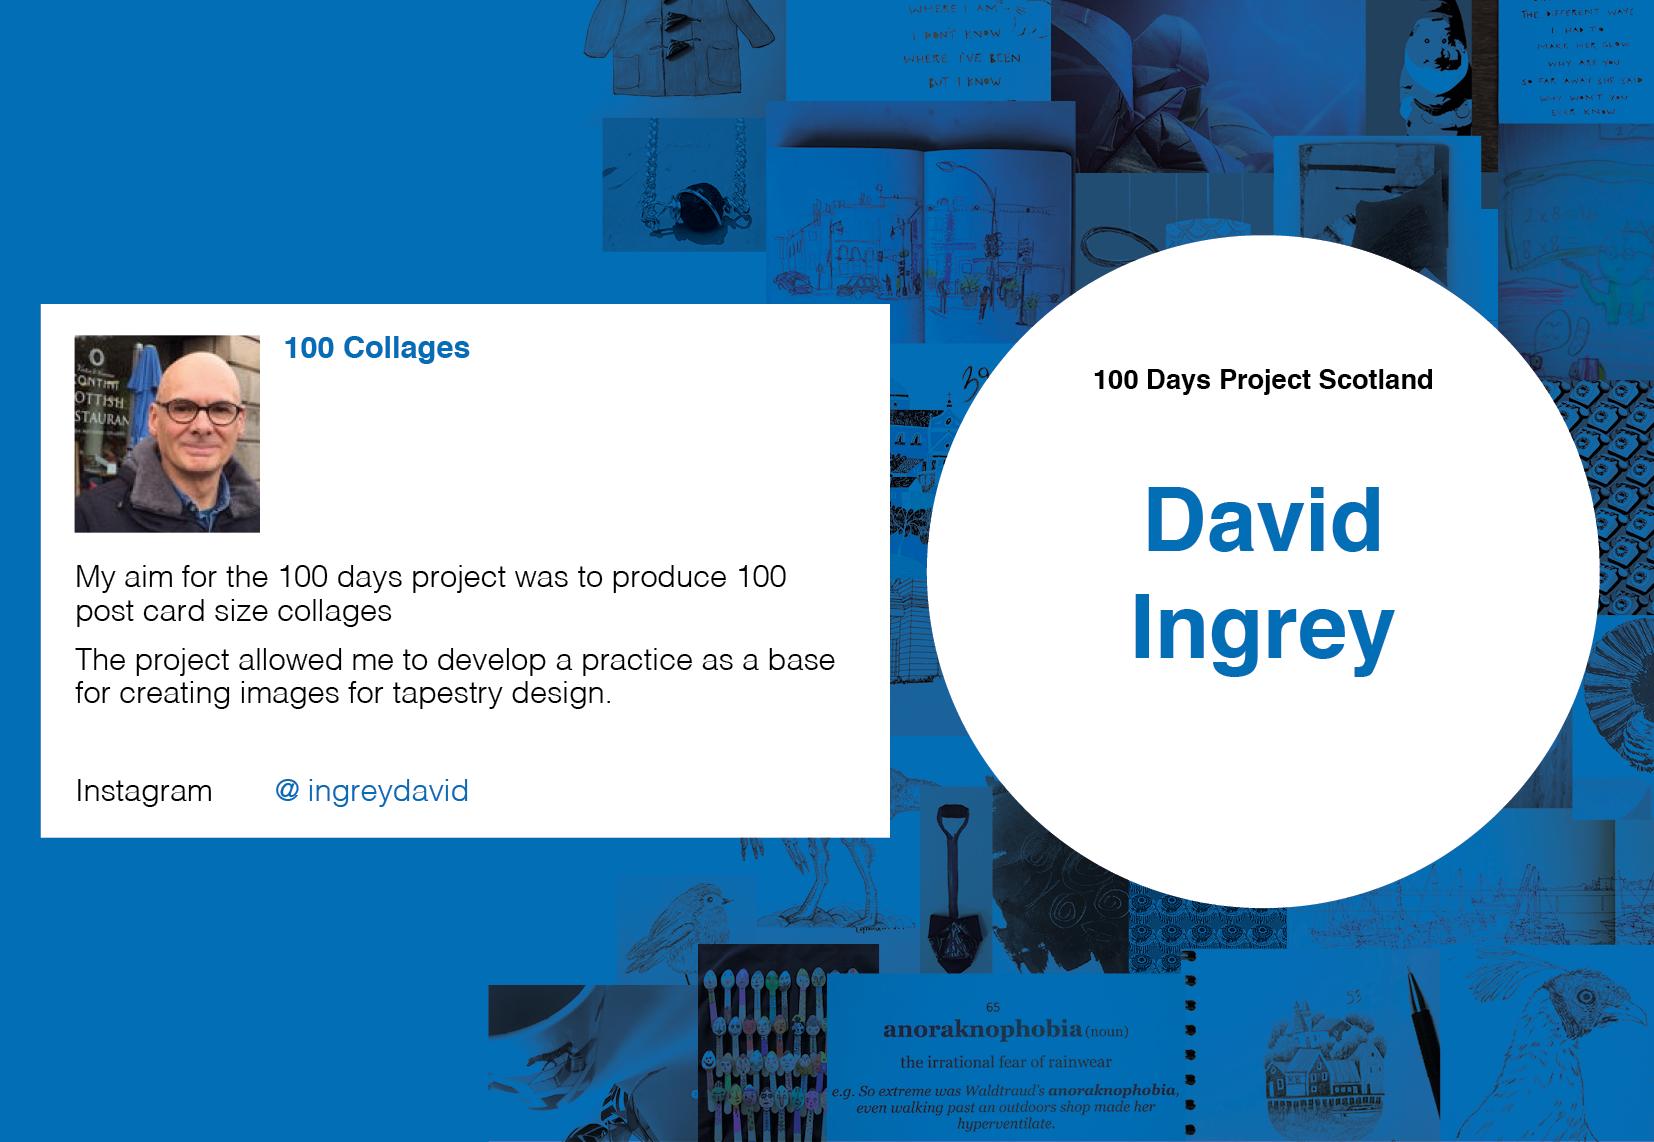 David Ingrey